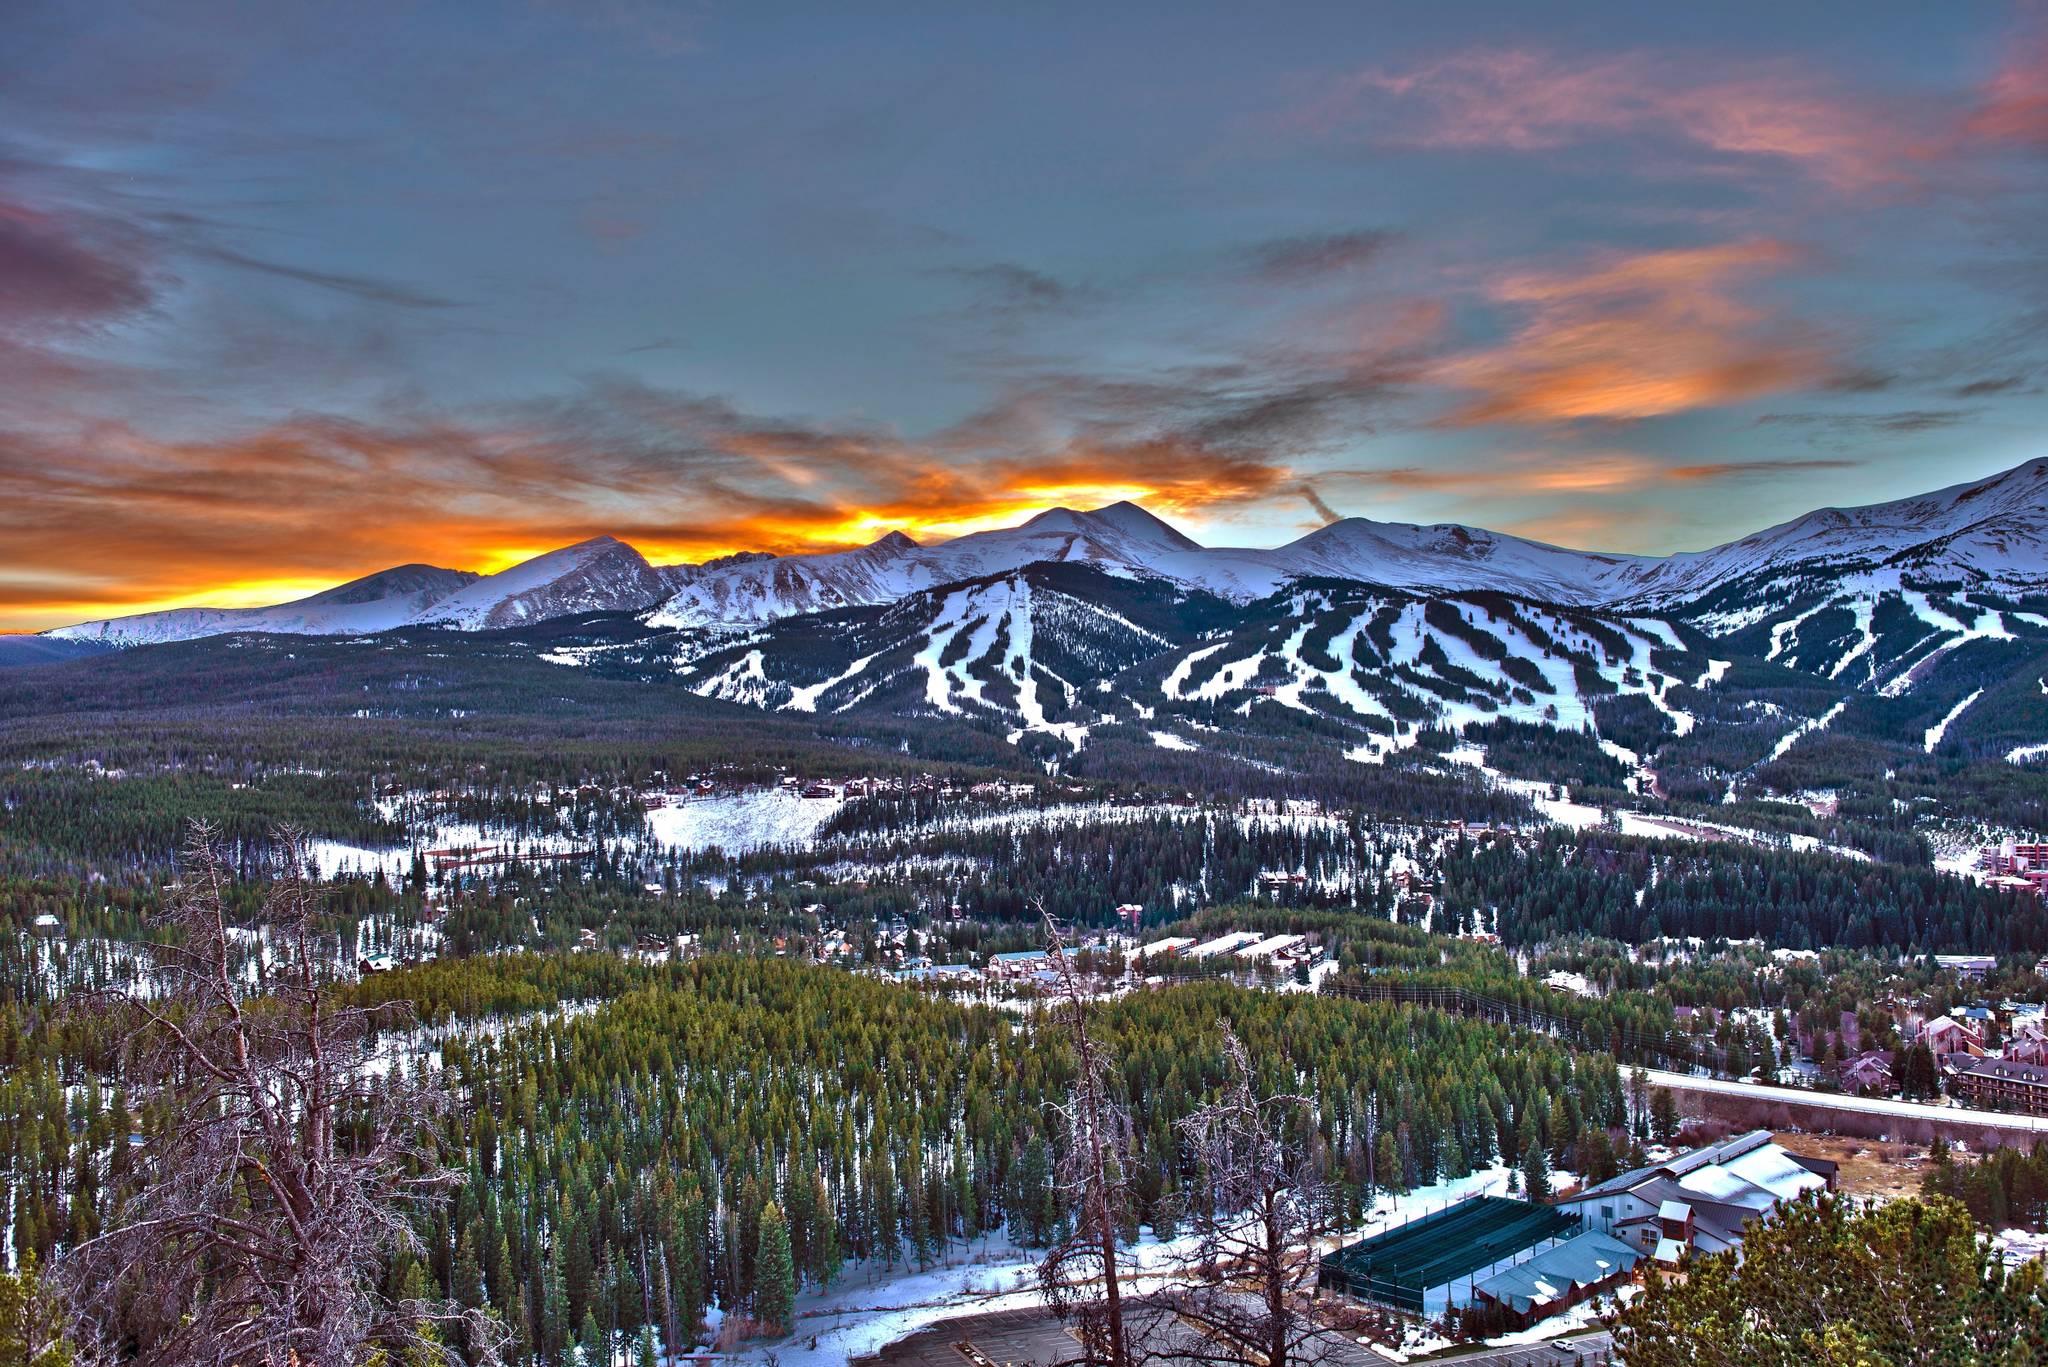 Breckenridge Ski Resort during sunset